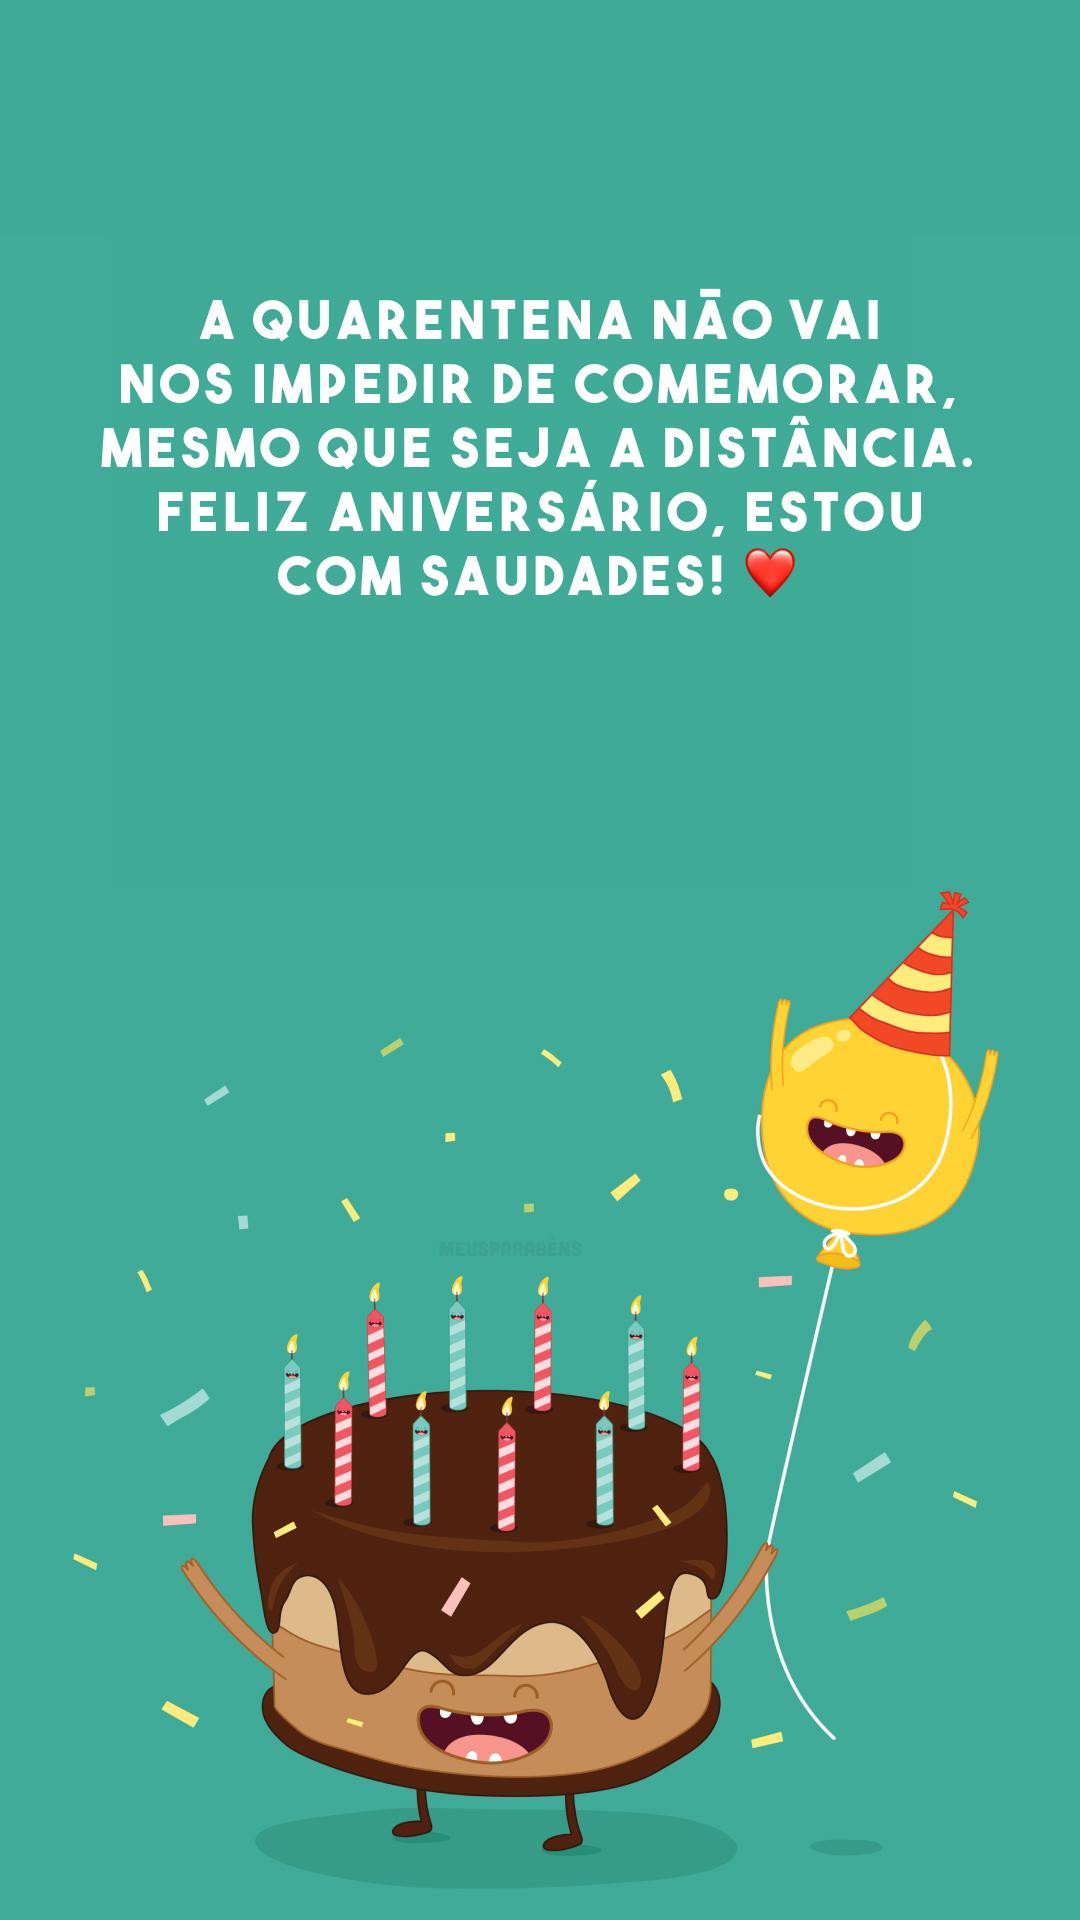 A quarentena não vai nos impedir de comemorar, mesmo que seja a distância. Feliz aniversário, estou com saudades! ❤️